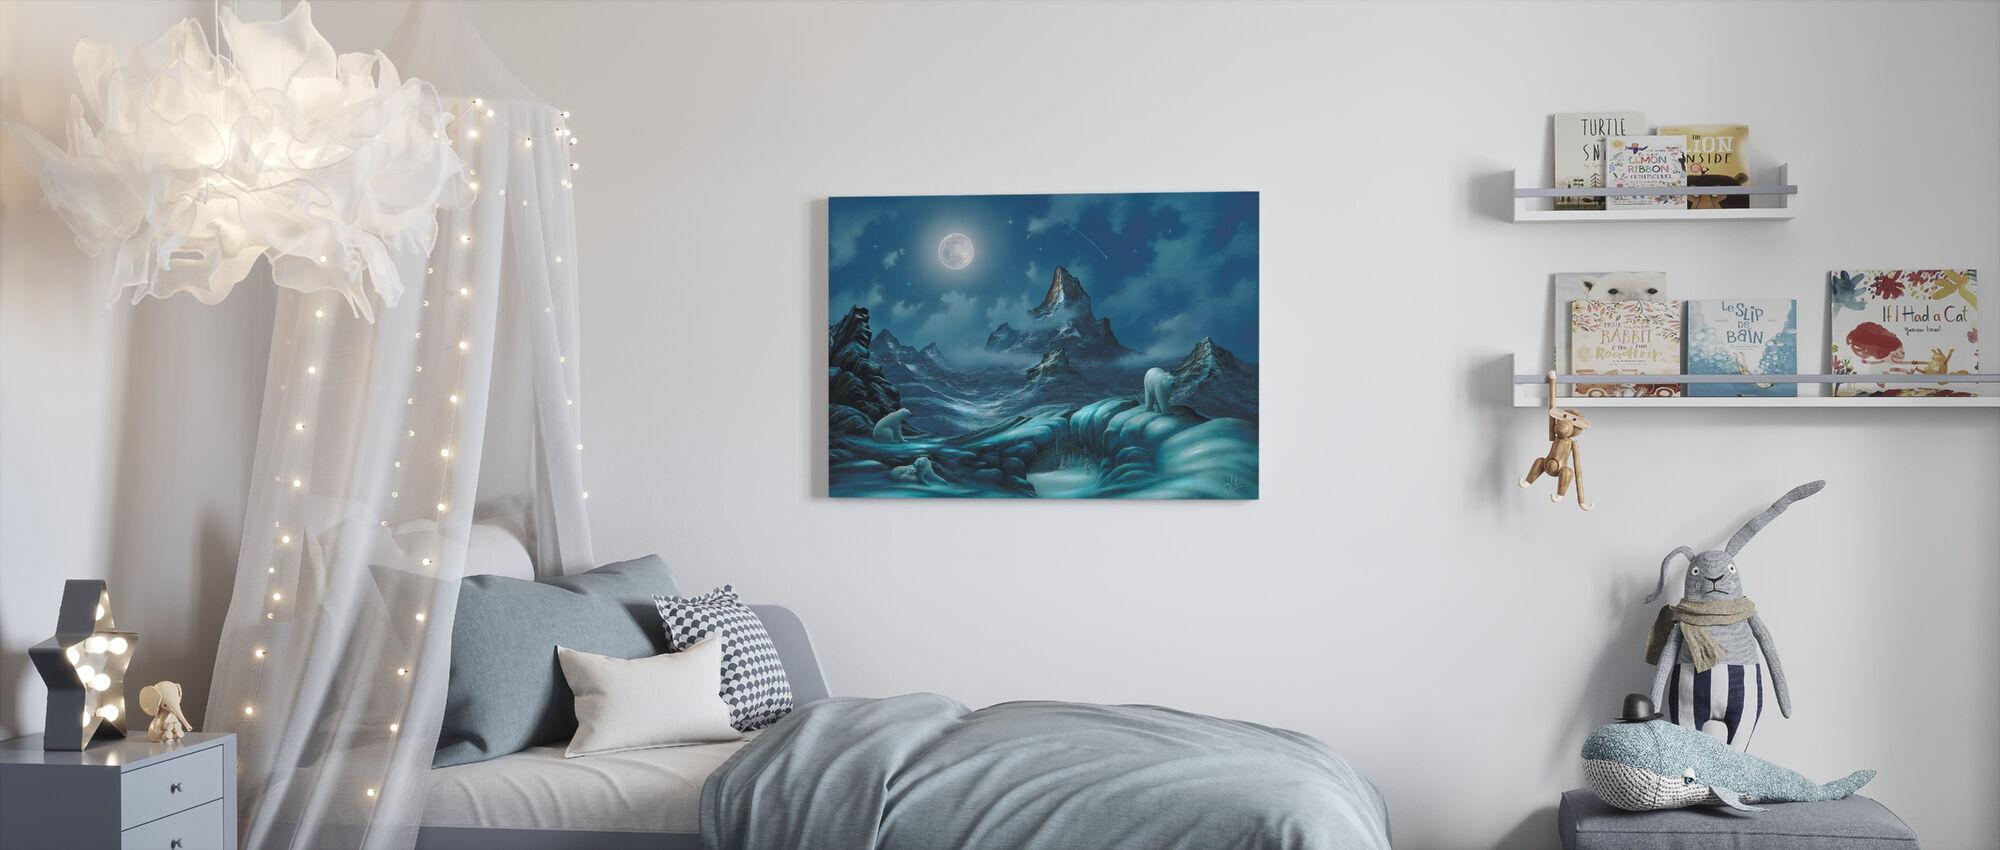 Heren van het Noordpoolgebied - Canvas print - Kinderkamer